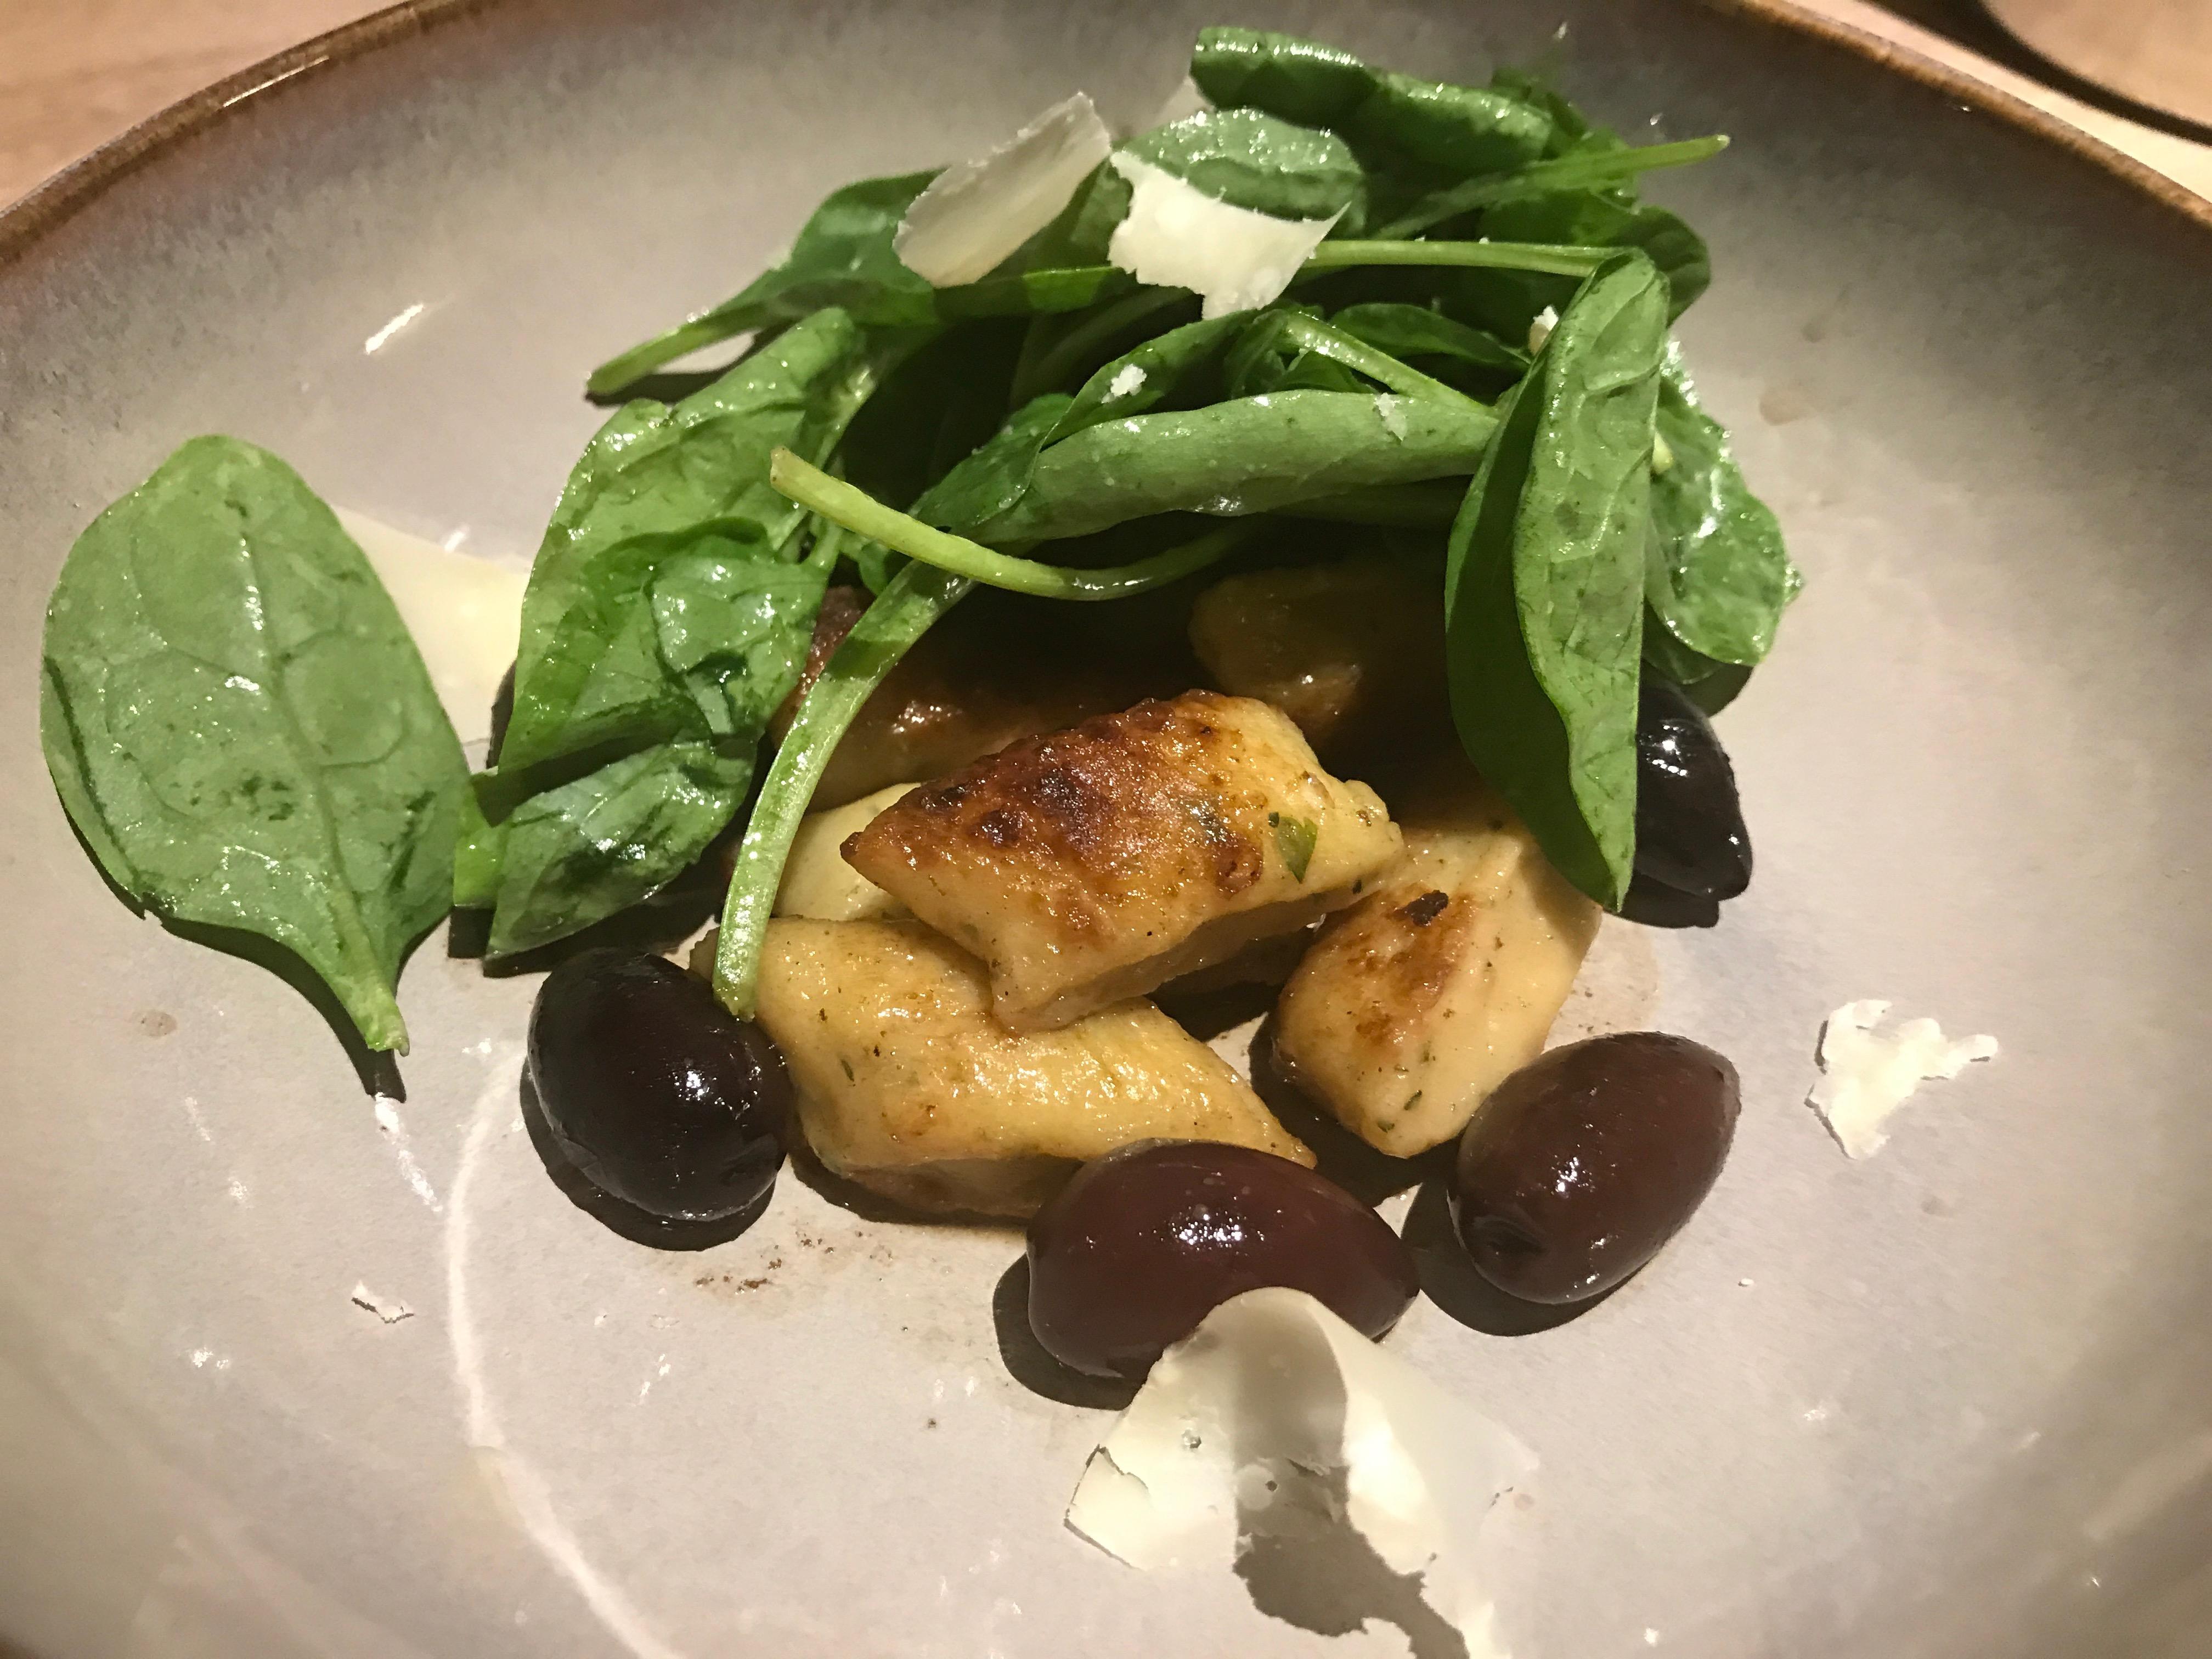 Gnocchi at Le Villaret restaurant in Paris